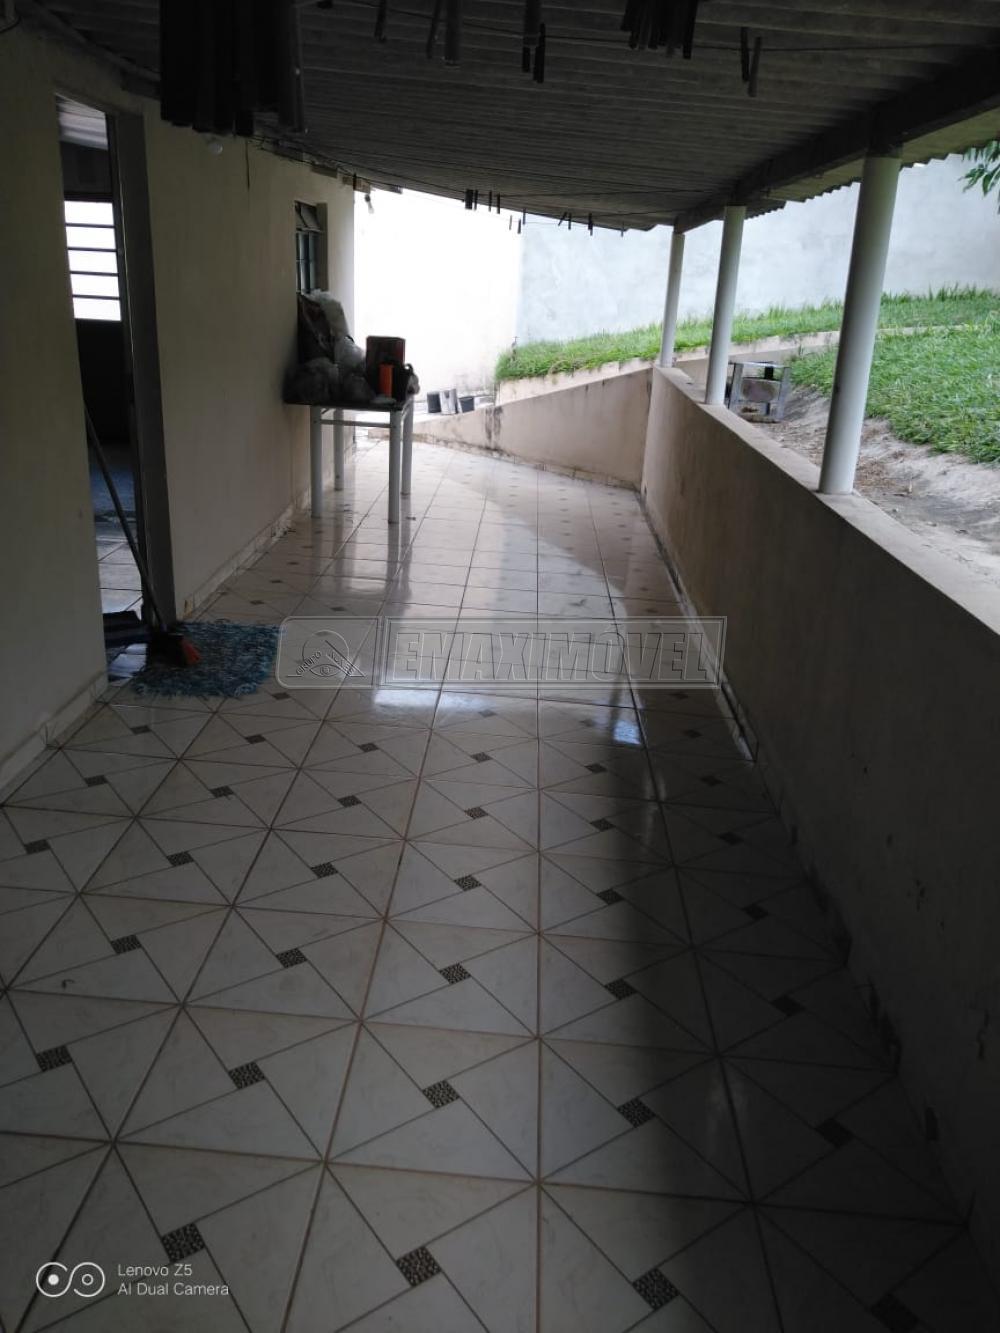 Comprar Casas / em Bairros em Iperó apenas R$ 350.000,00 - Foto 15